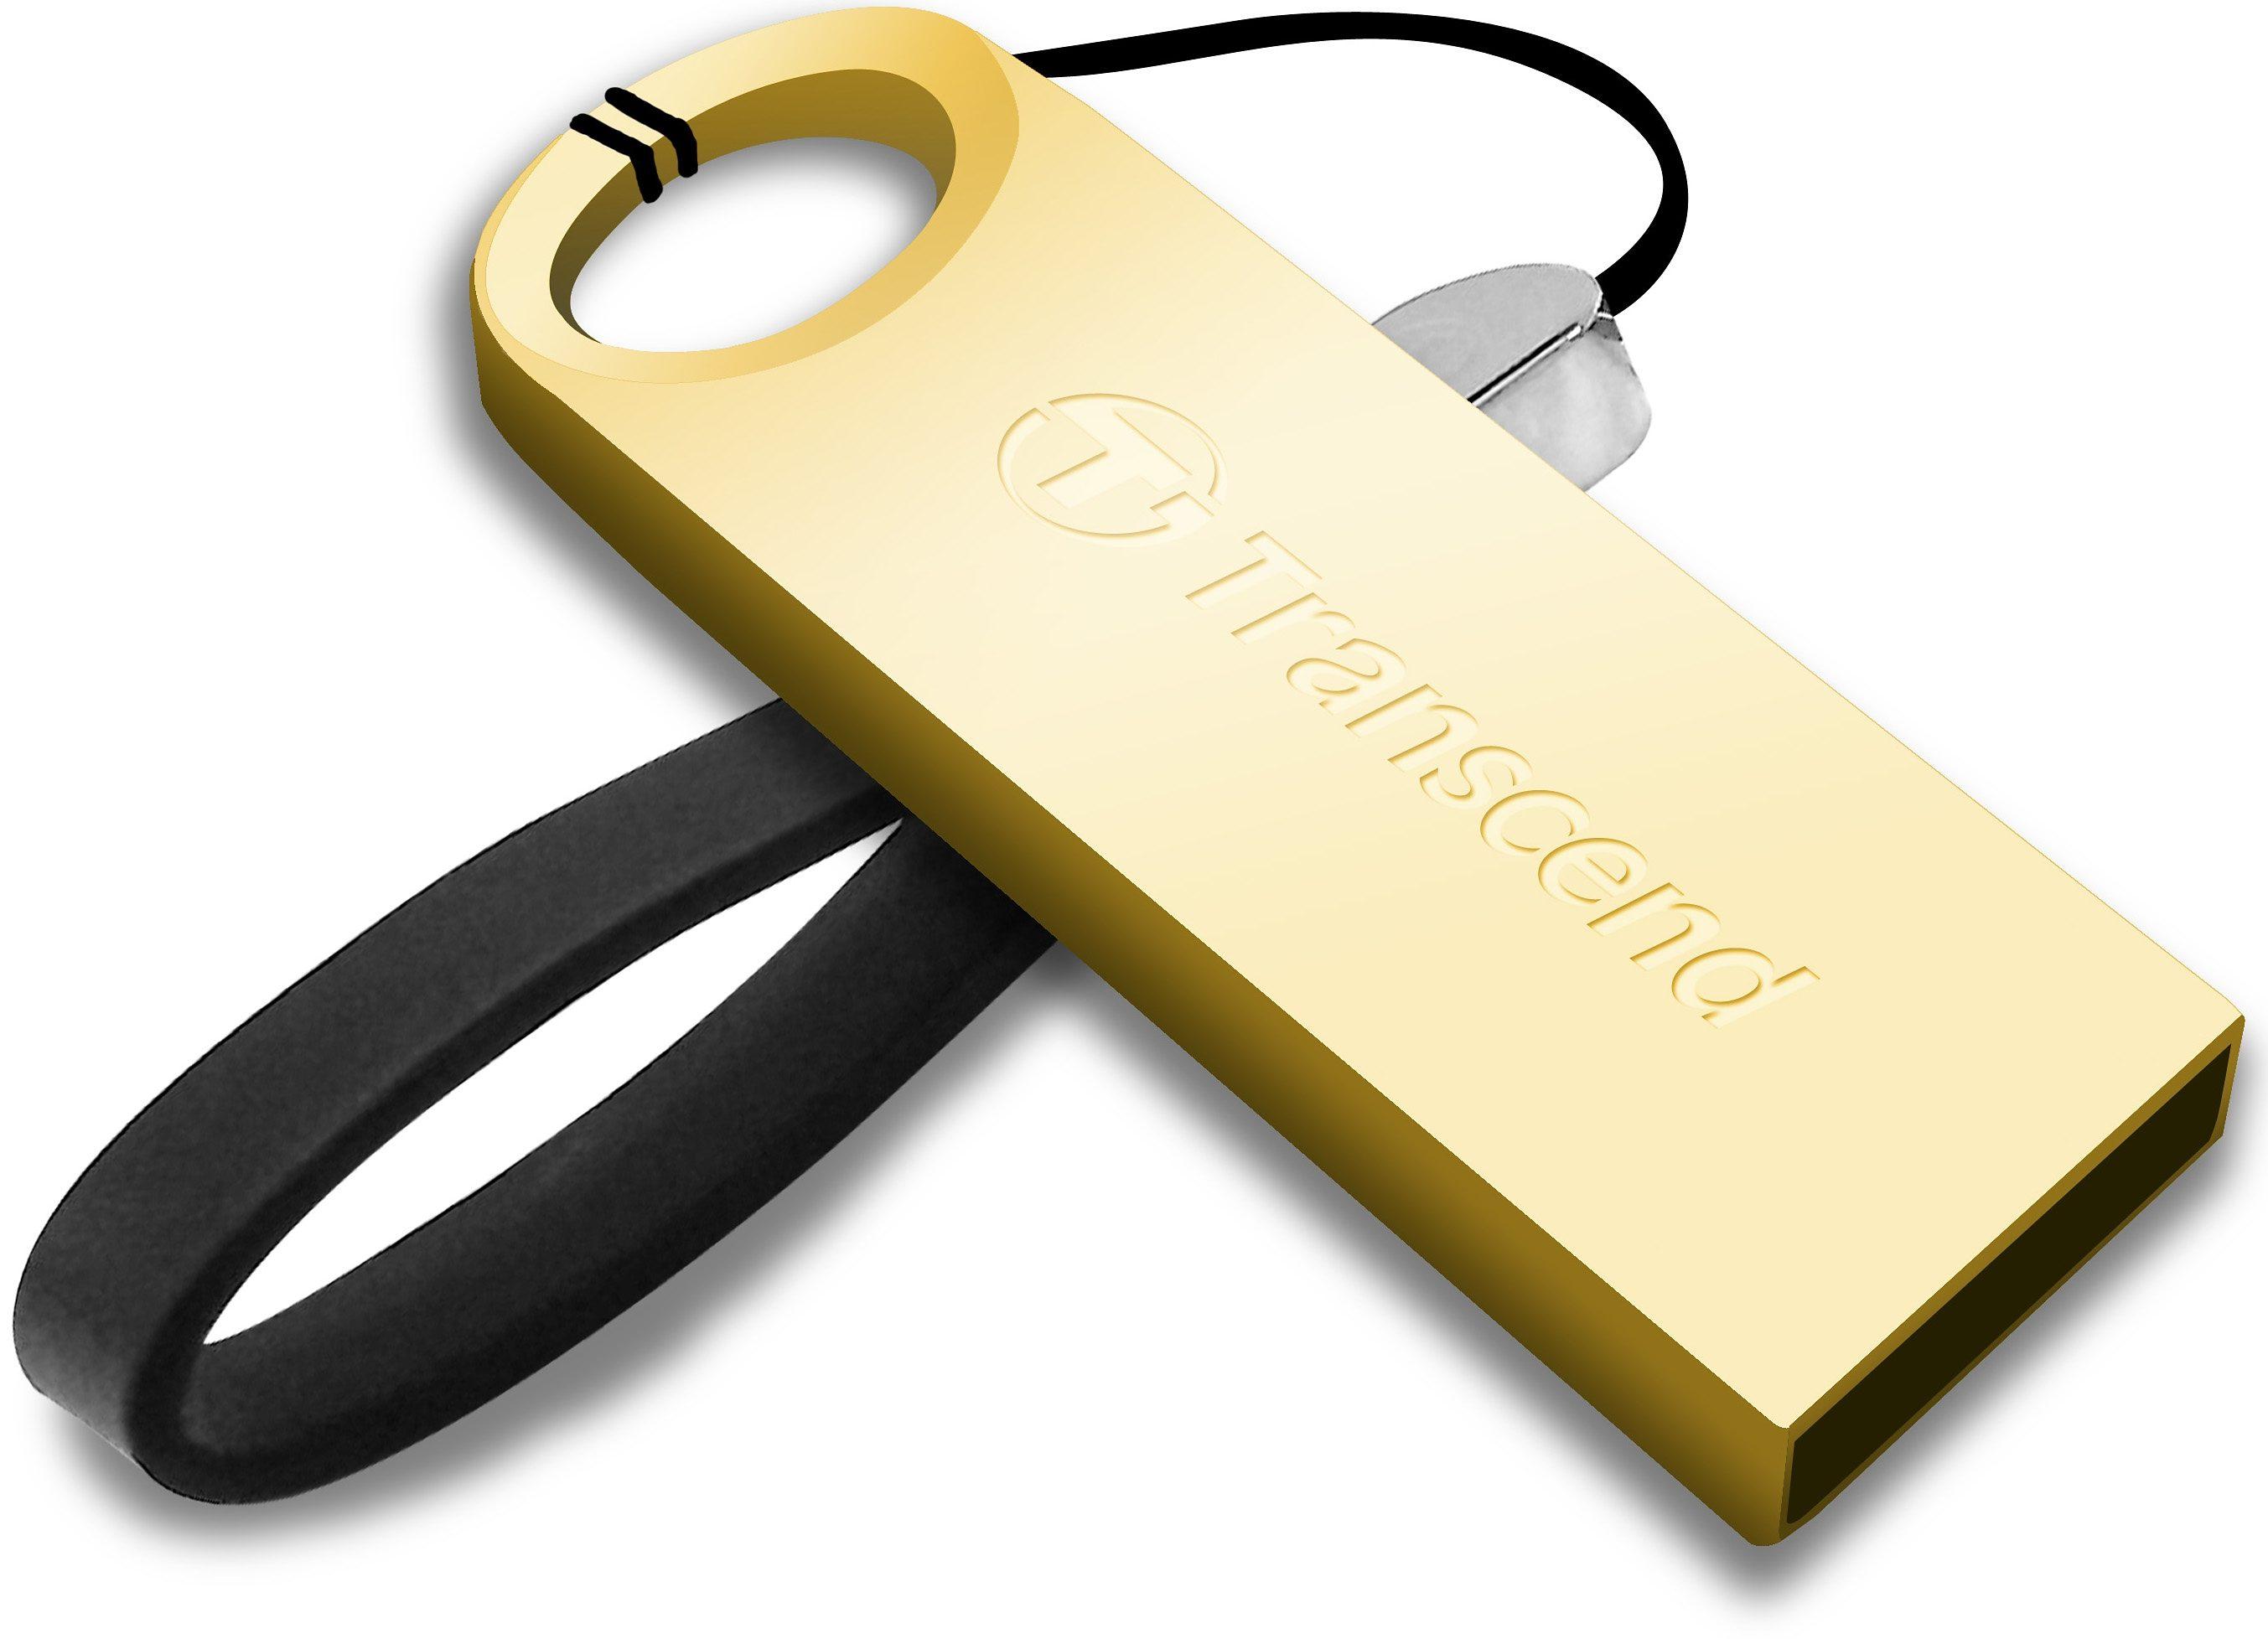 Transcend 8GB JetFlash 520G USB-Stick mit Metallgehäuse USB 2.0